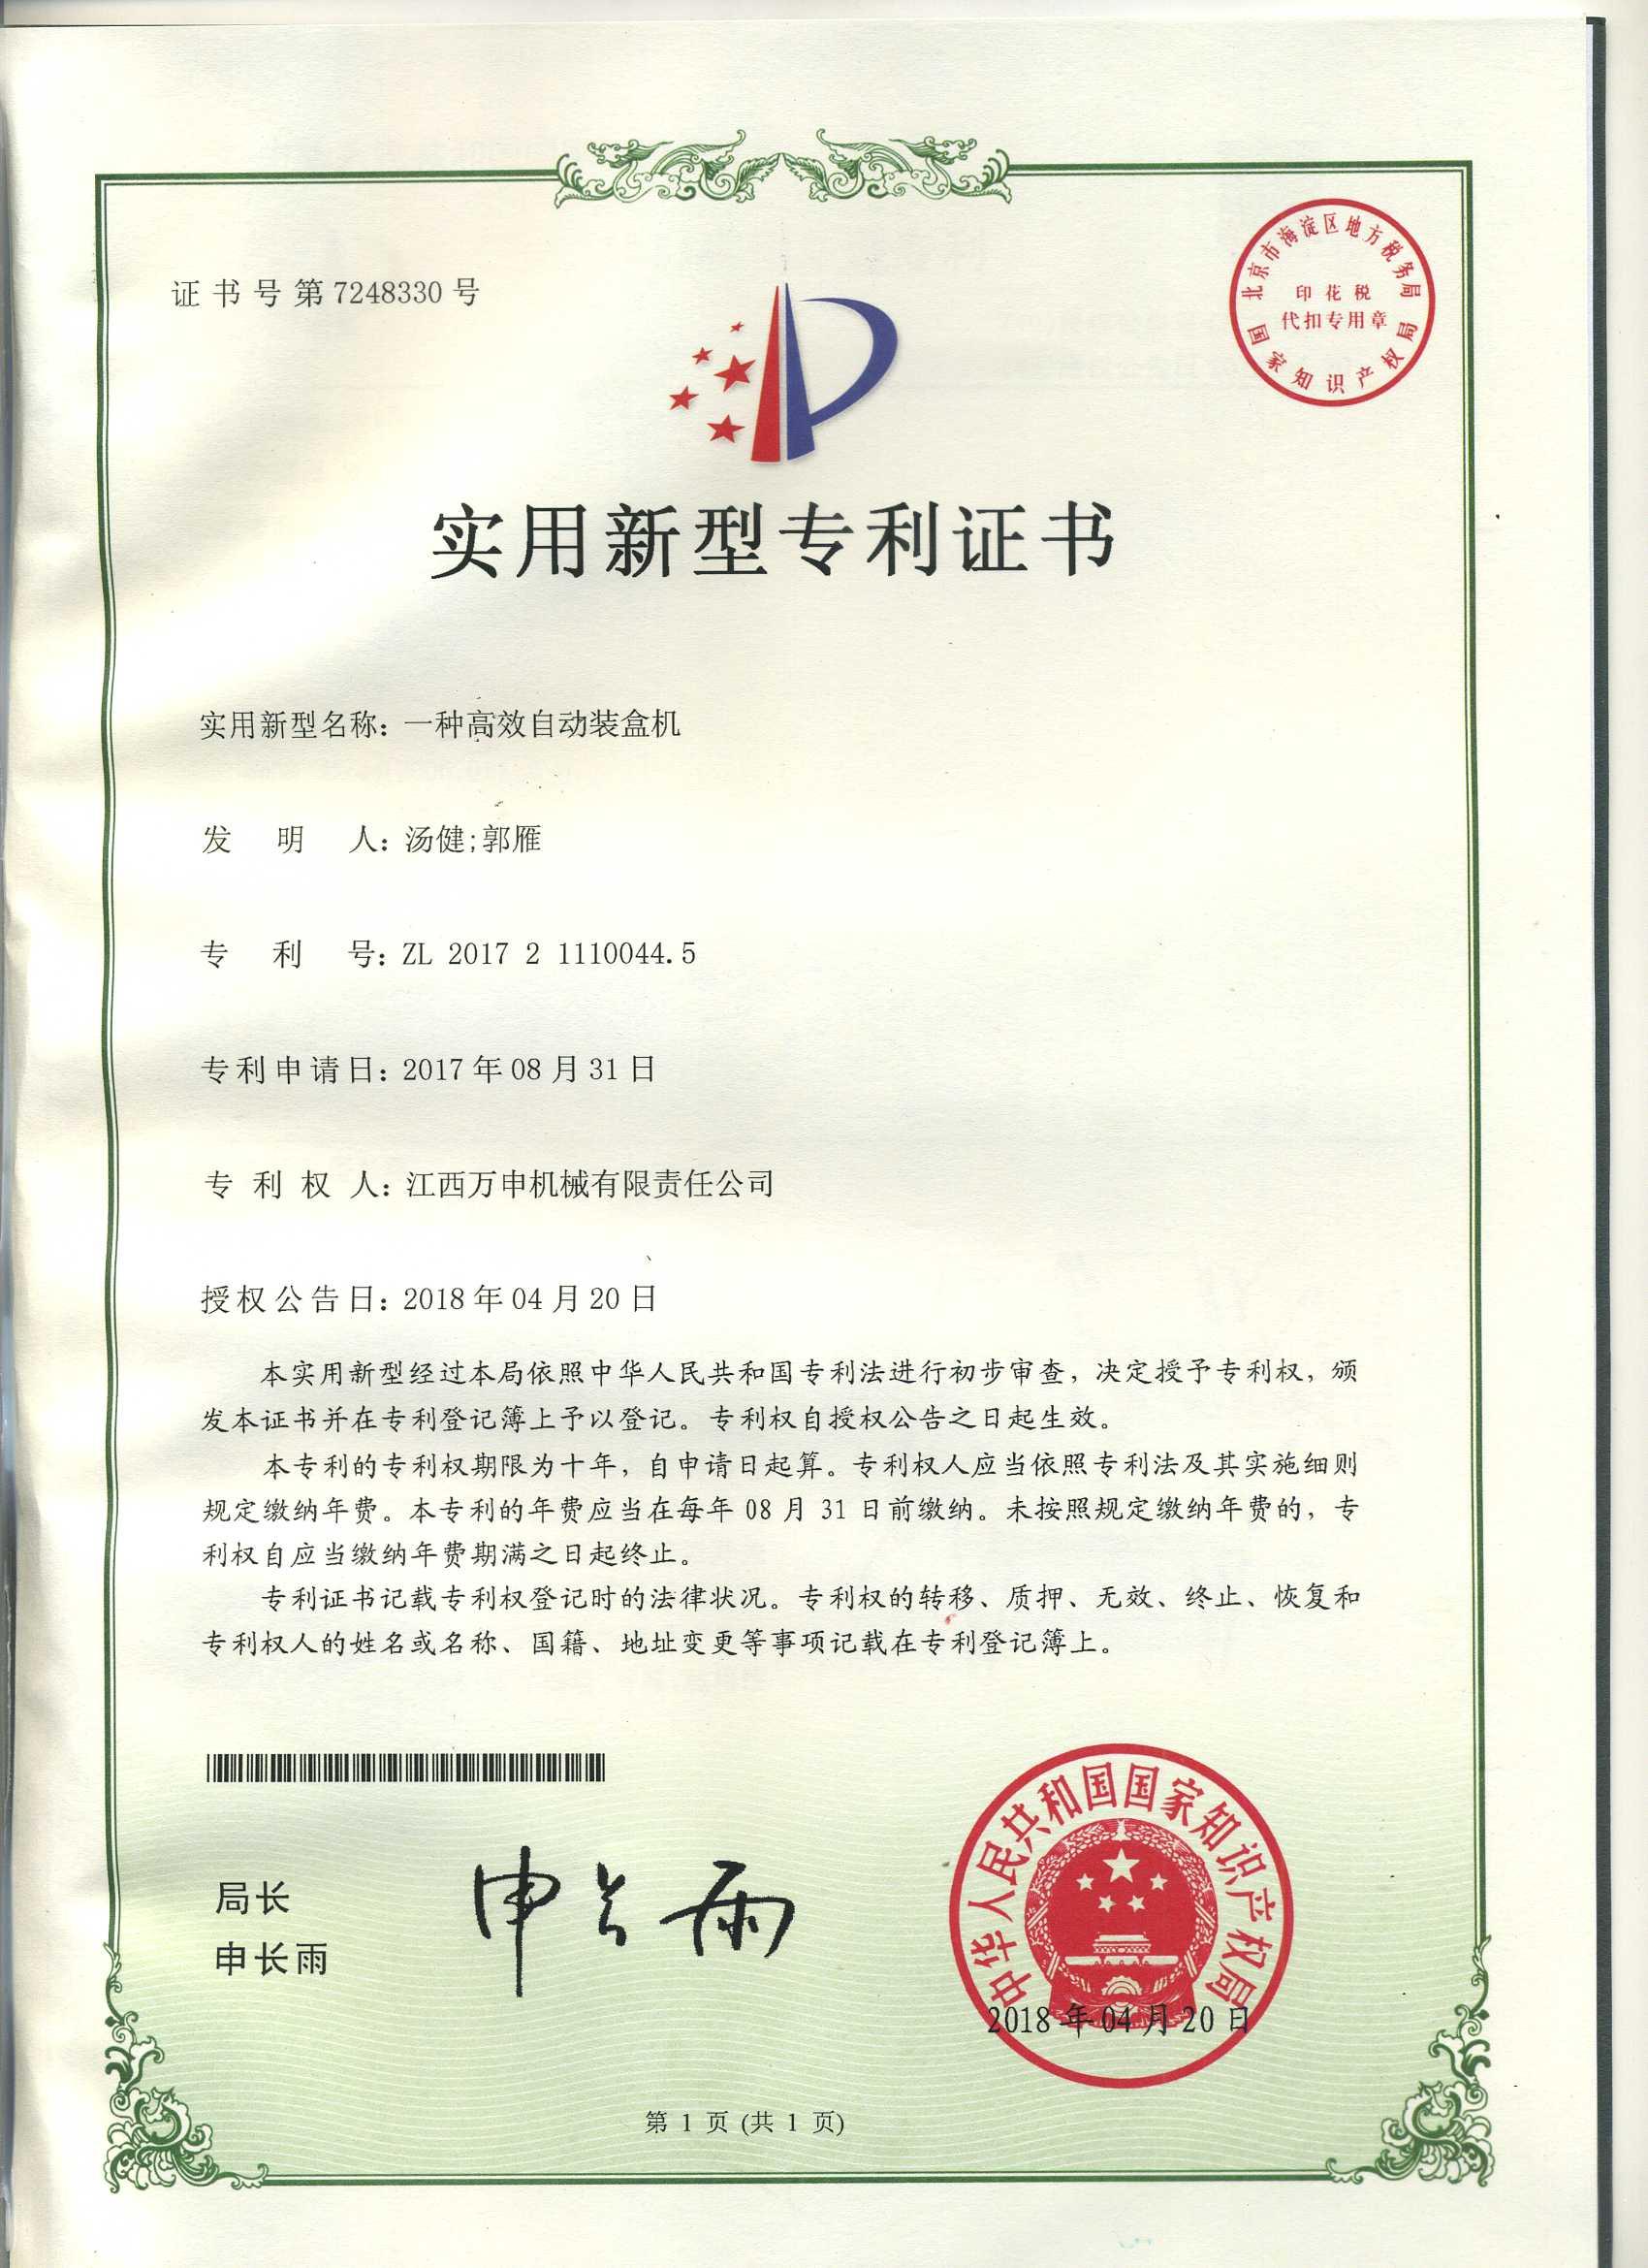 2018高效自动装盒专利证书